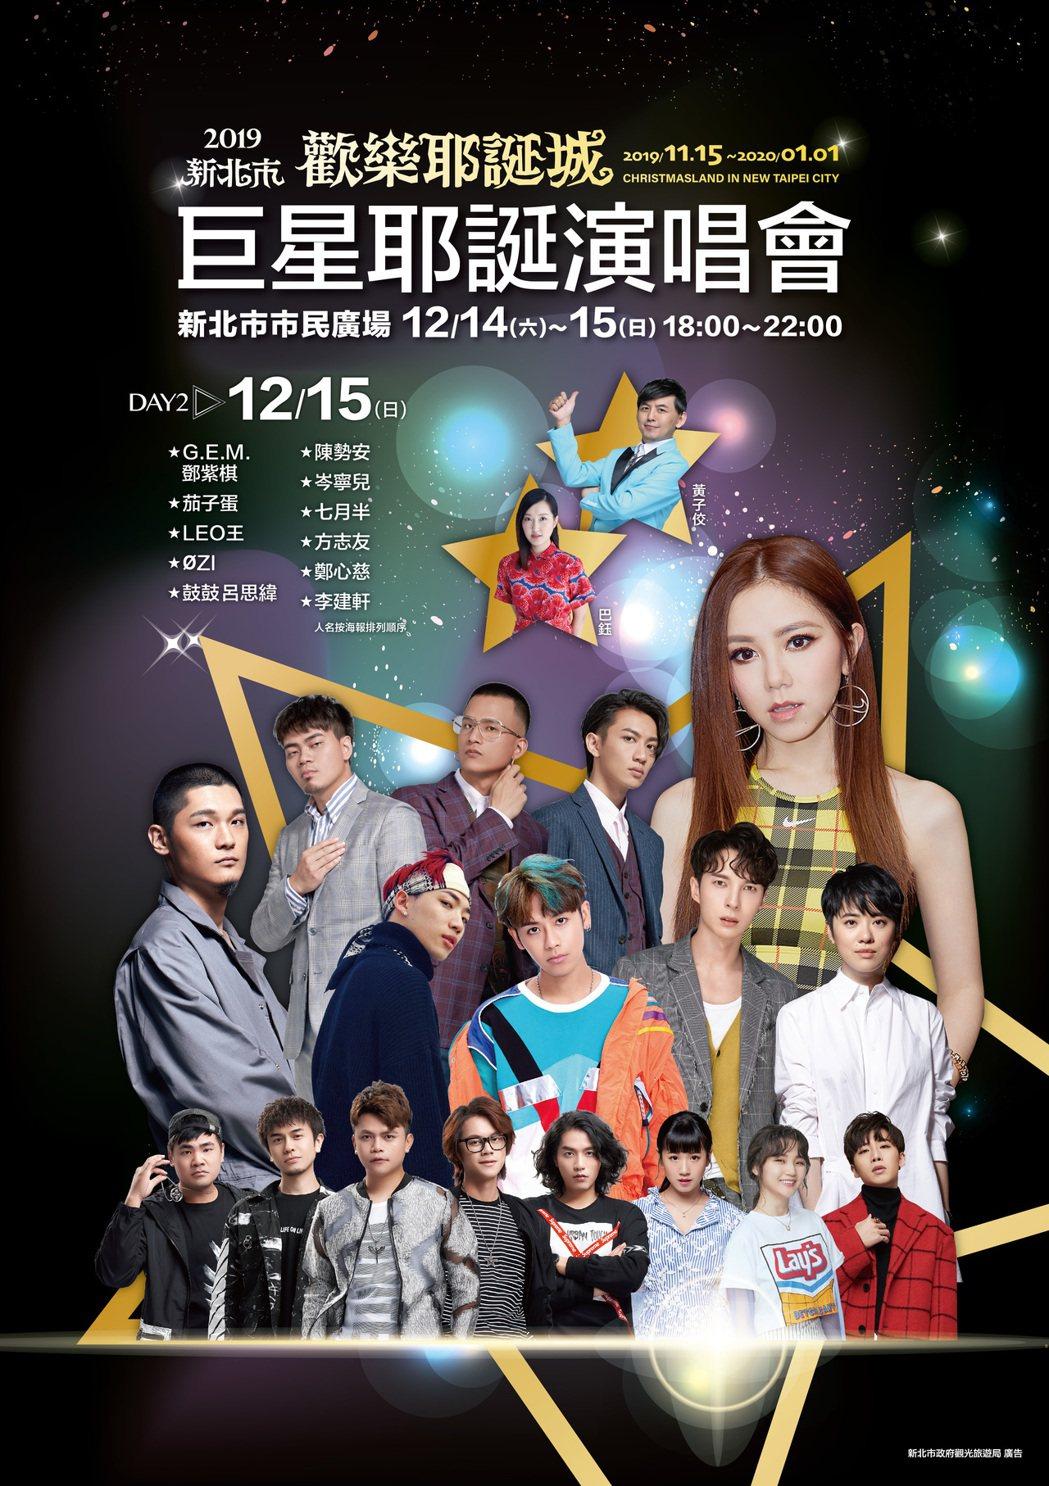 新北歡樂耶誕城巨星演唱會12月15日卡司,由鄧紫棋壓軸。圖/新北觀旅局提供